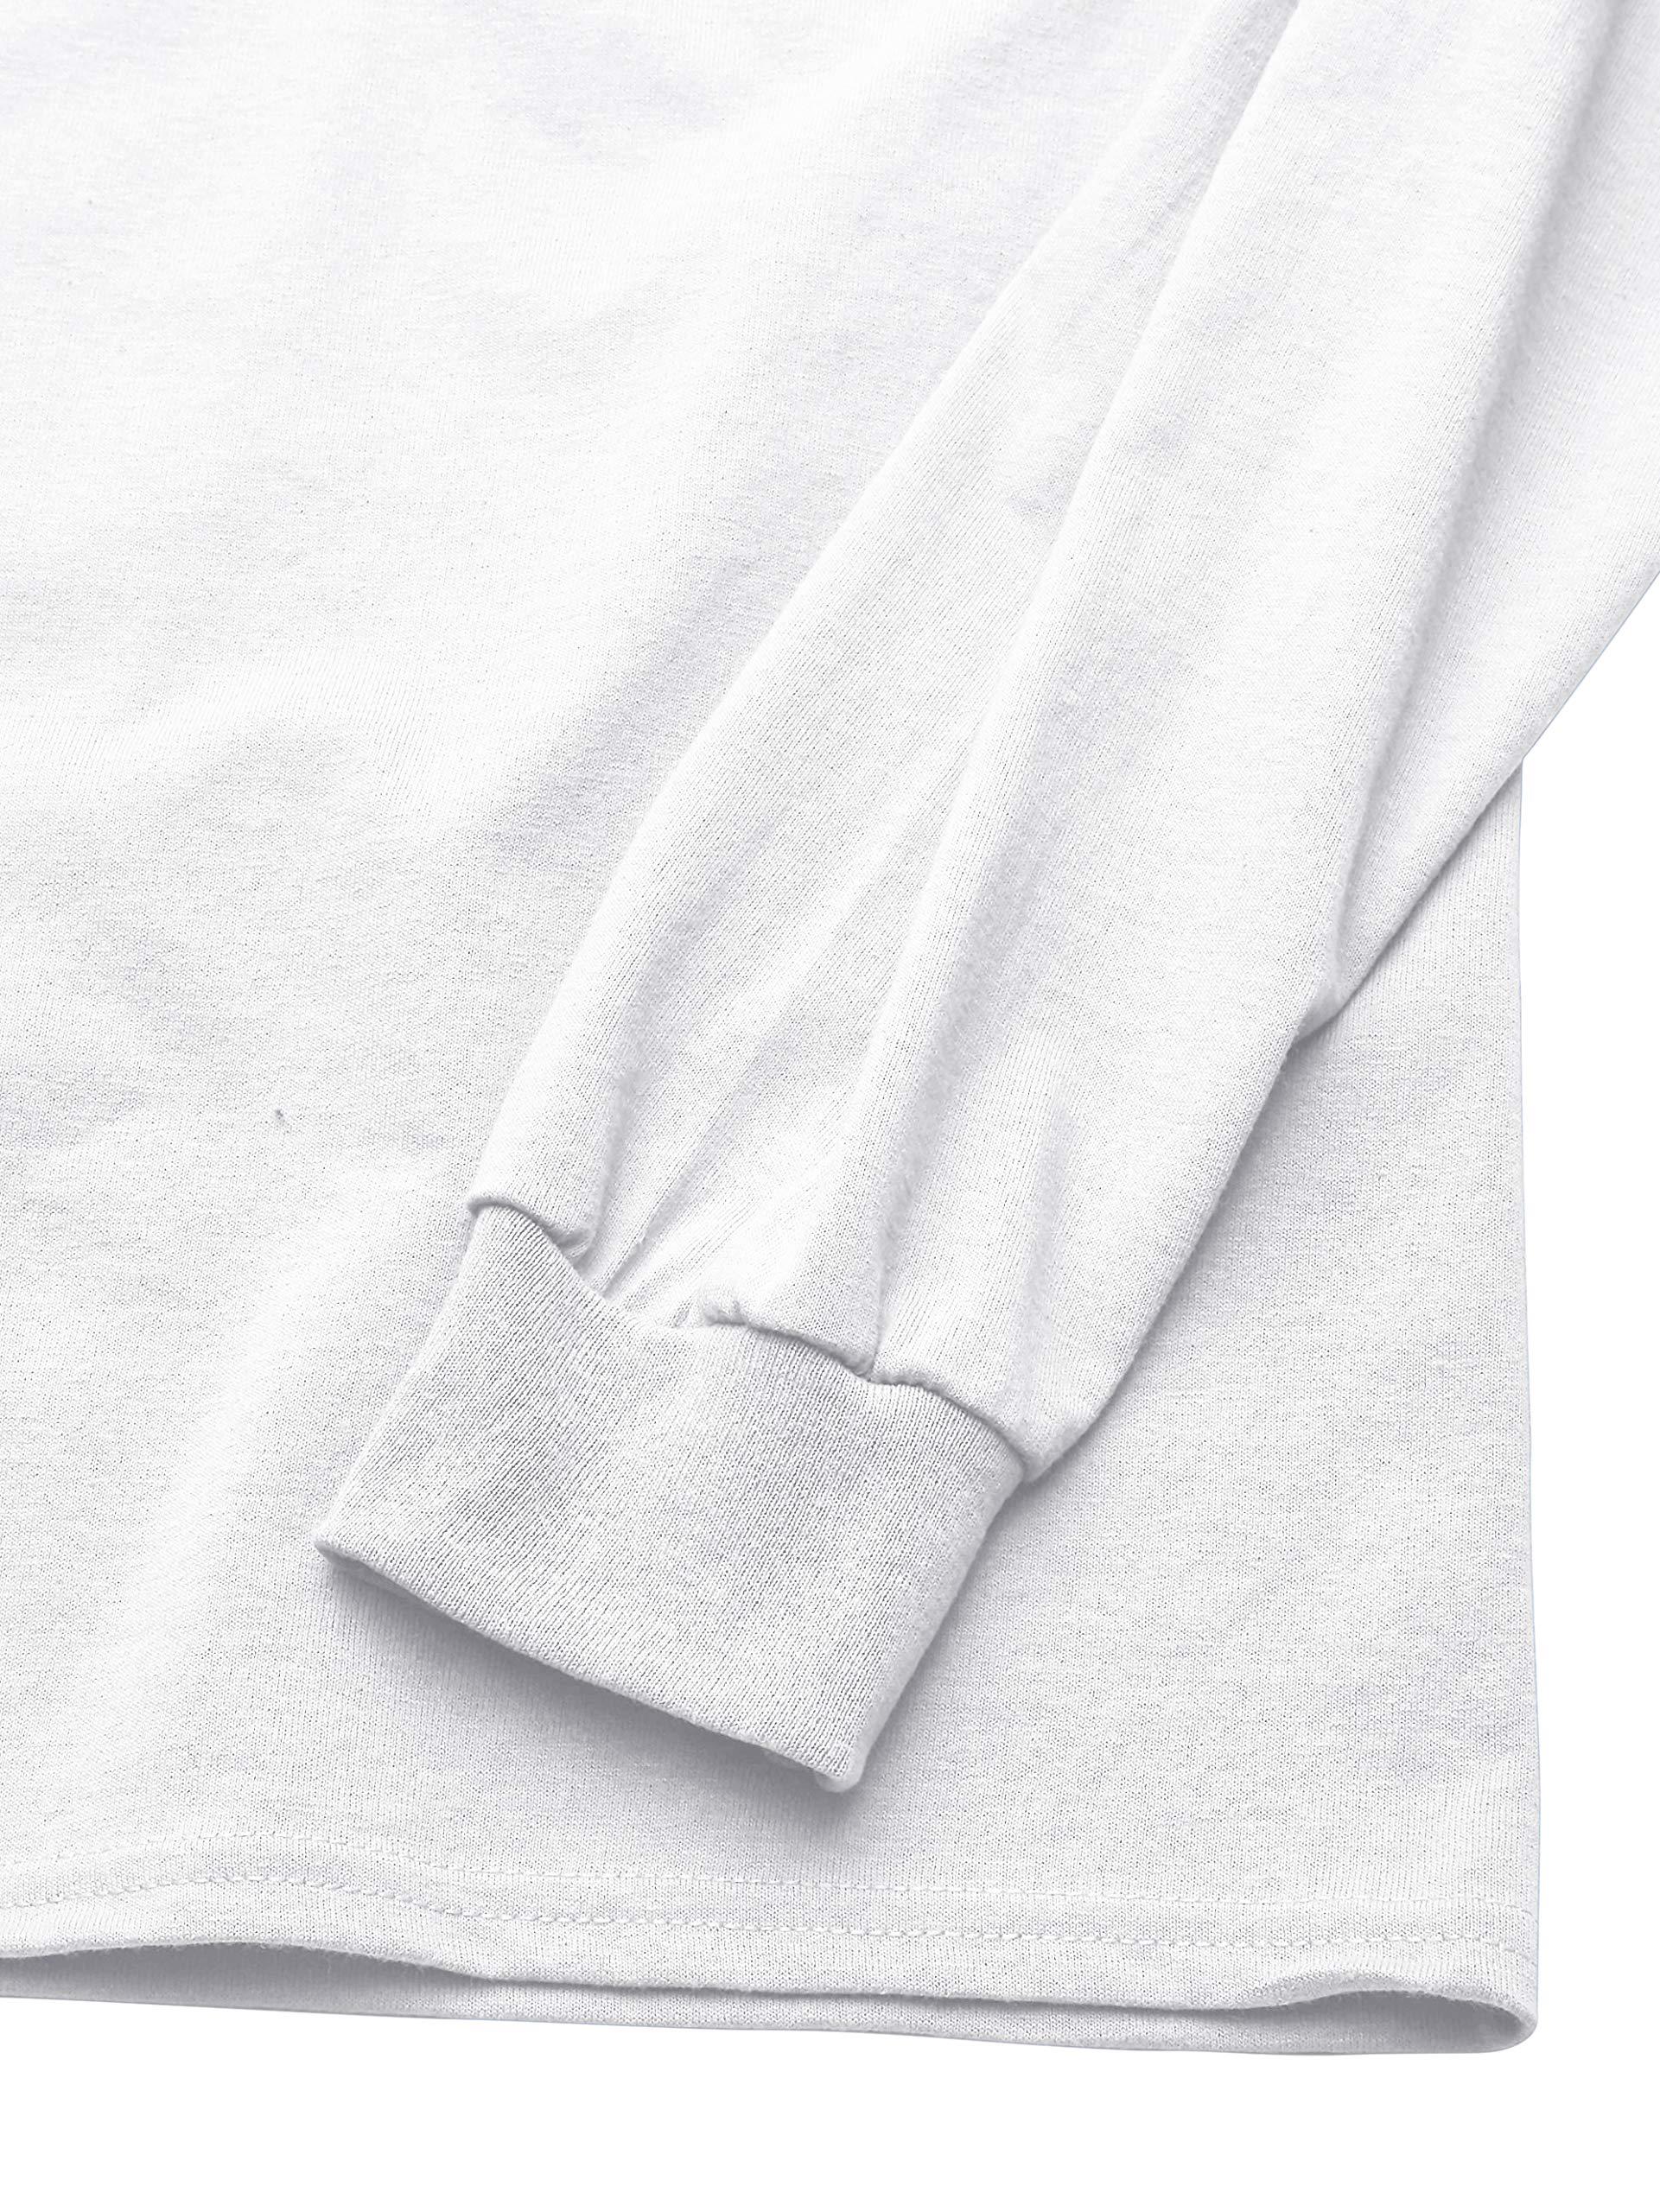 Men's DryBlend Long Sleeve T-Shirt, Style G8400, 2-Pack